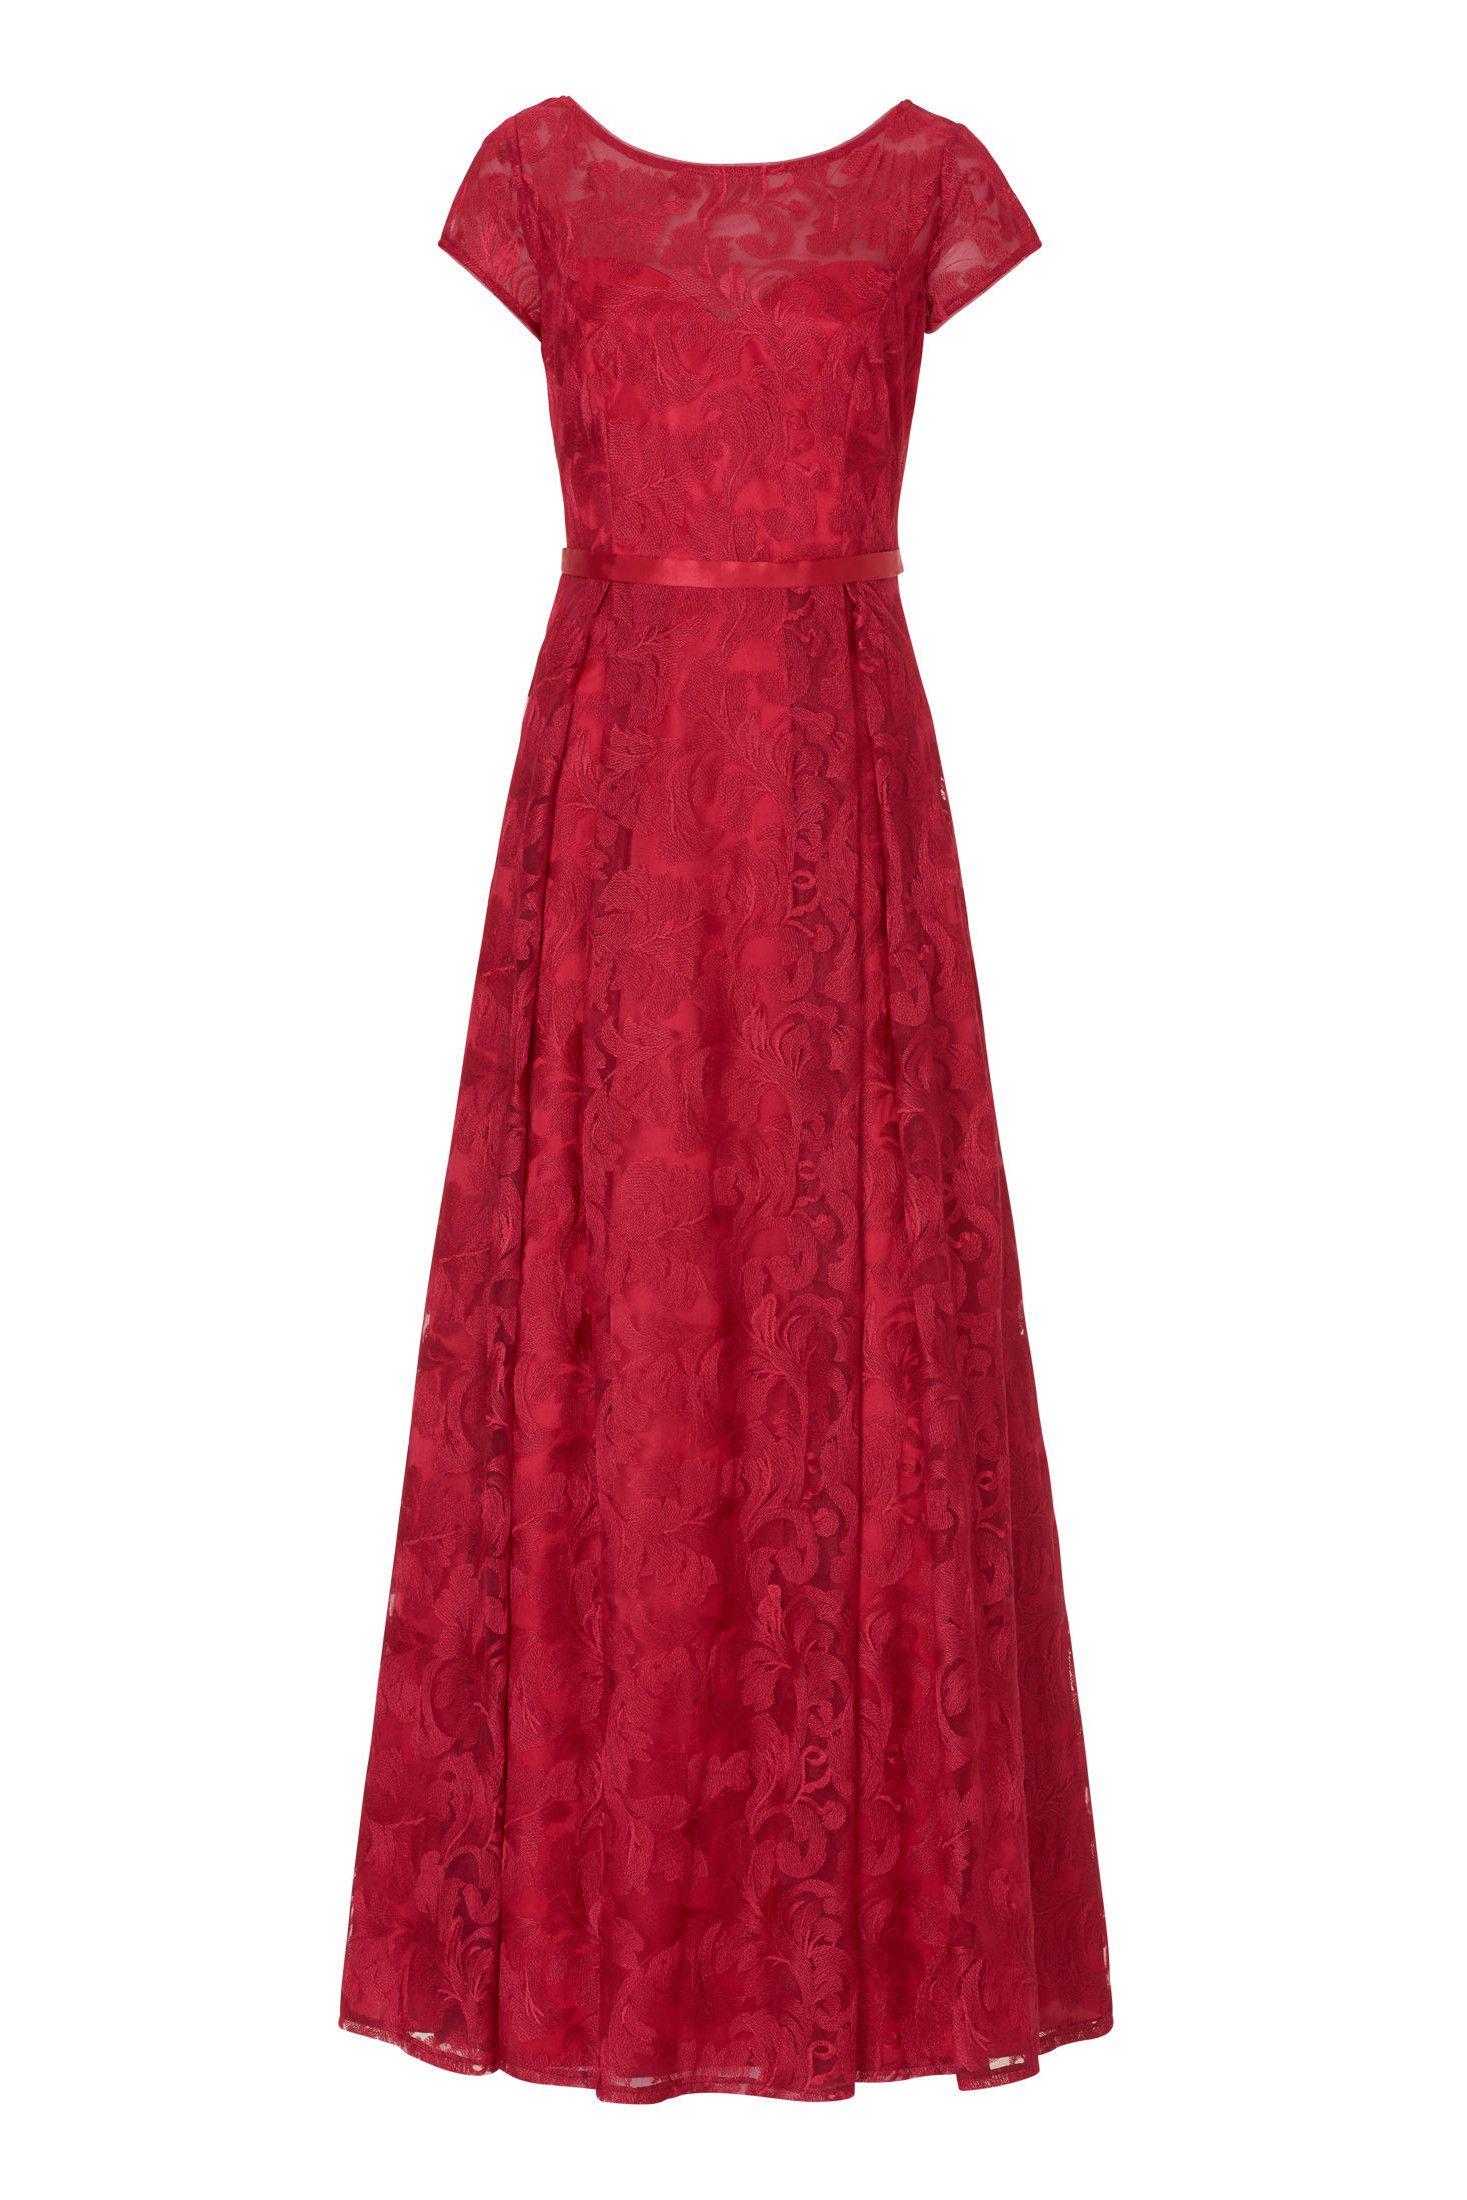 Langes Abendkleid aus besticktem Tüll Festliches Kleid von Vera